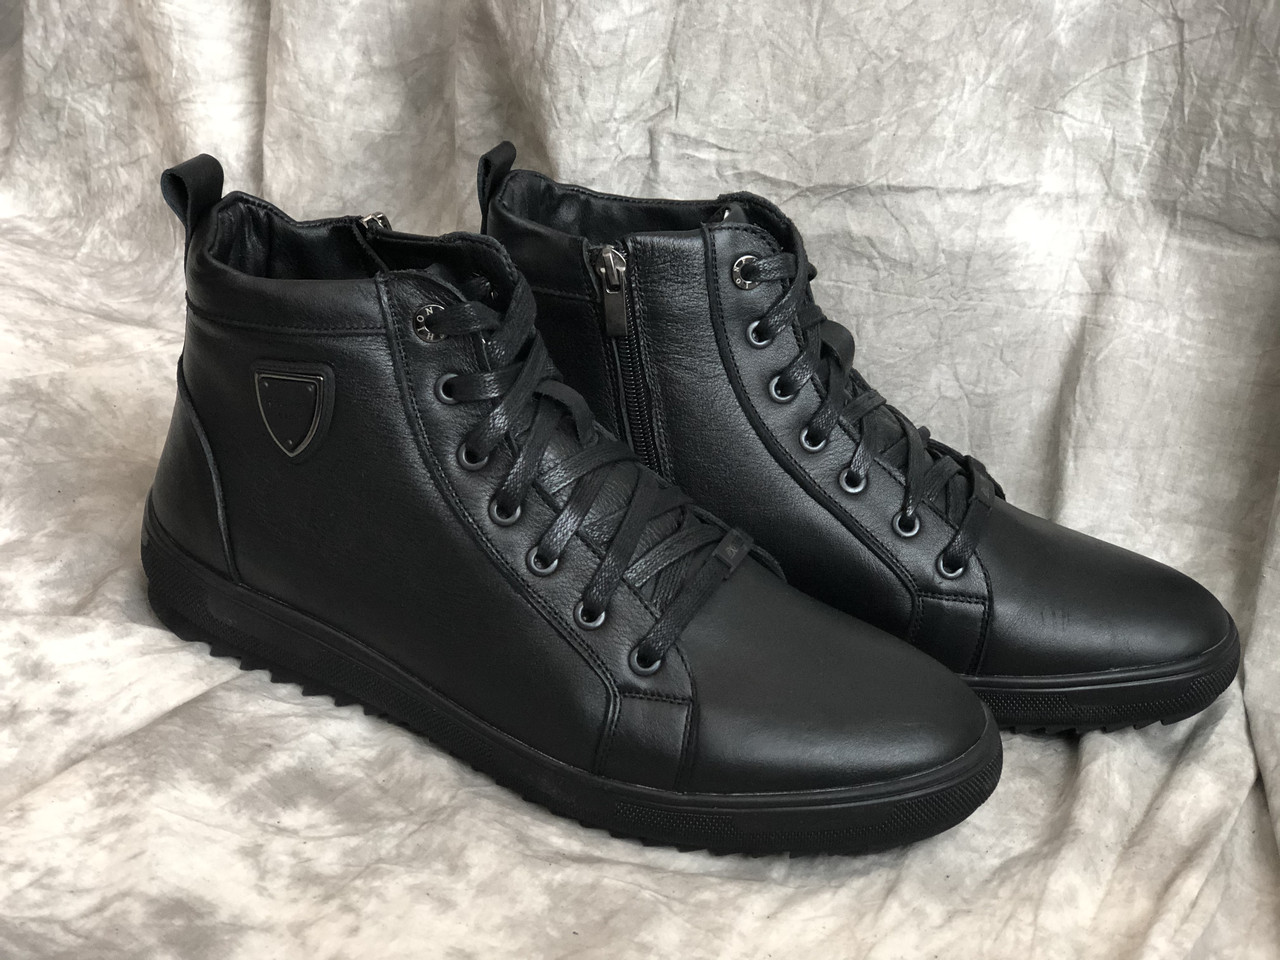 Кожаные ботинки мужские очень удобные 4021 ч/к размеры 40,41,42,43,45